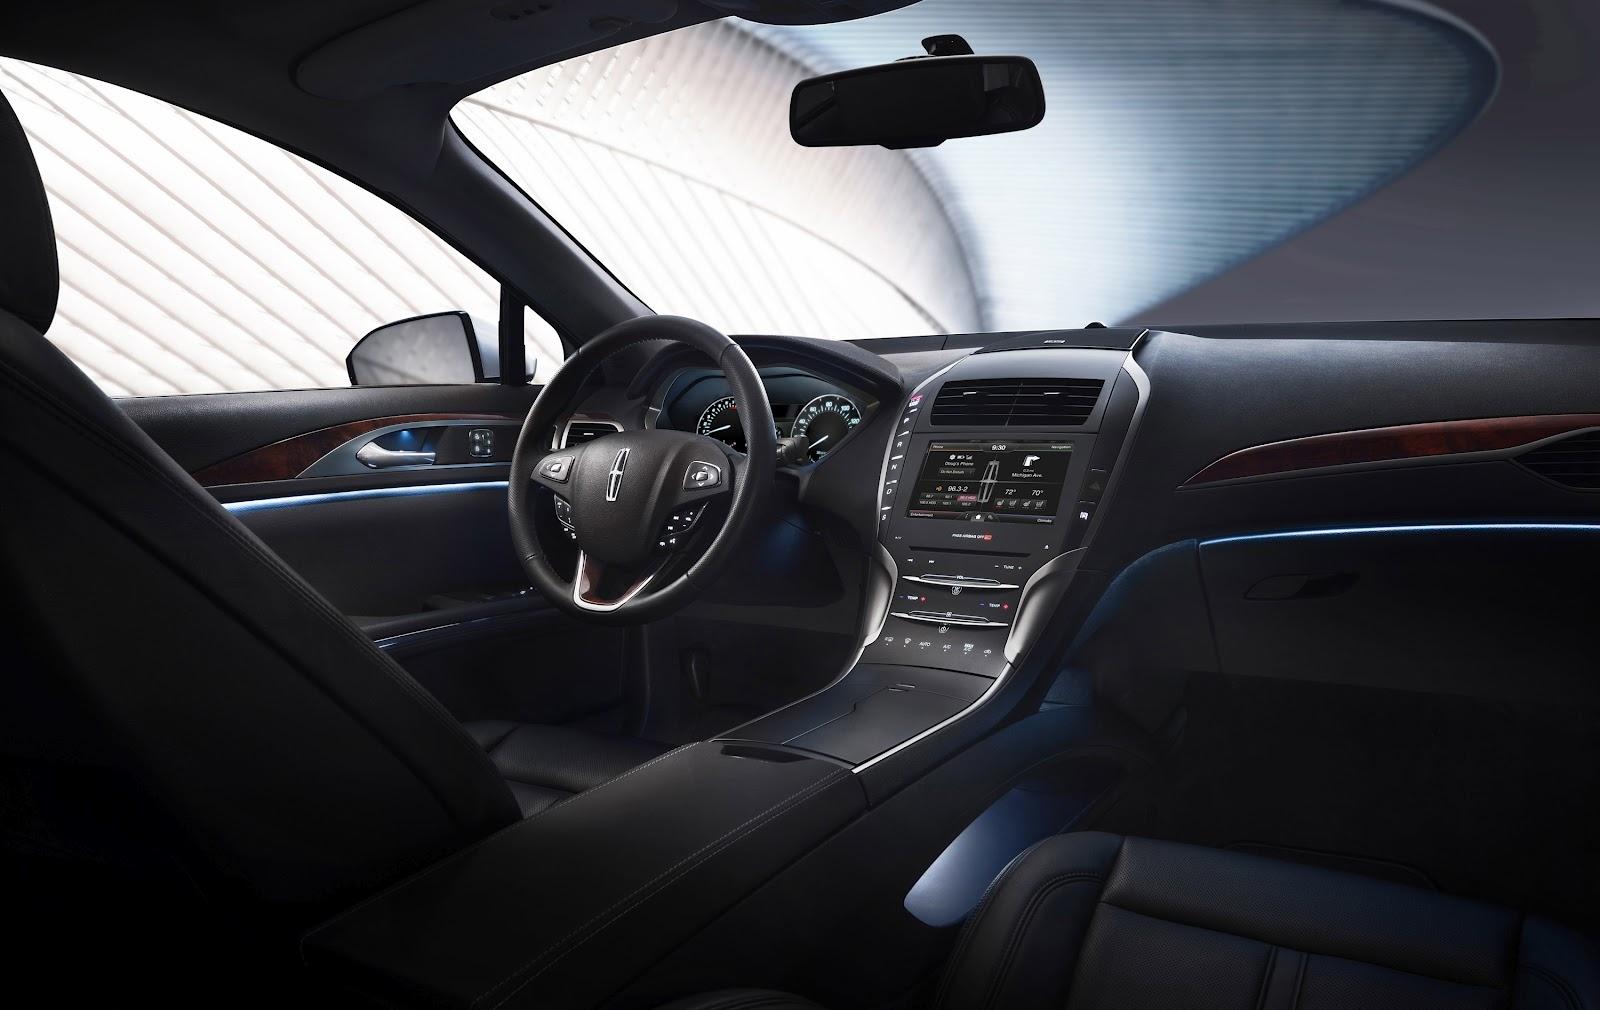 2016 - [Lincoln] MKZ - Page 2 2013+lincoln+mkz+interior++2